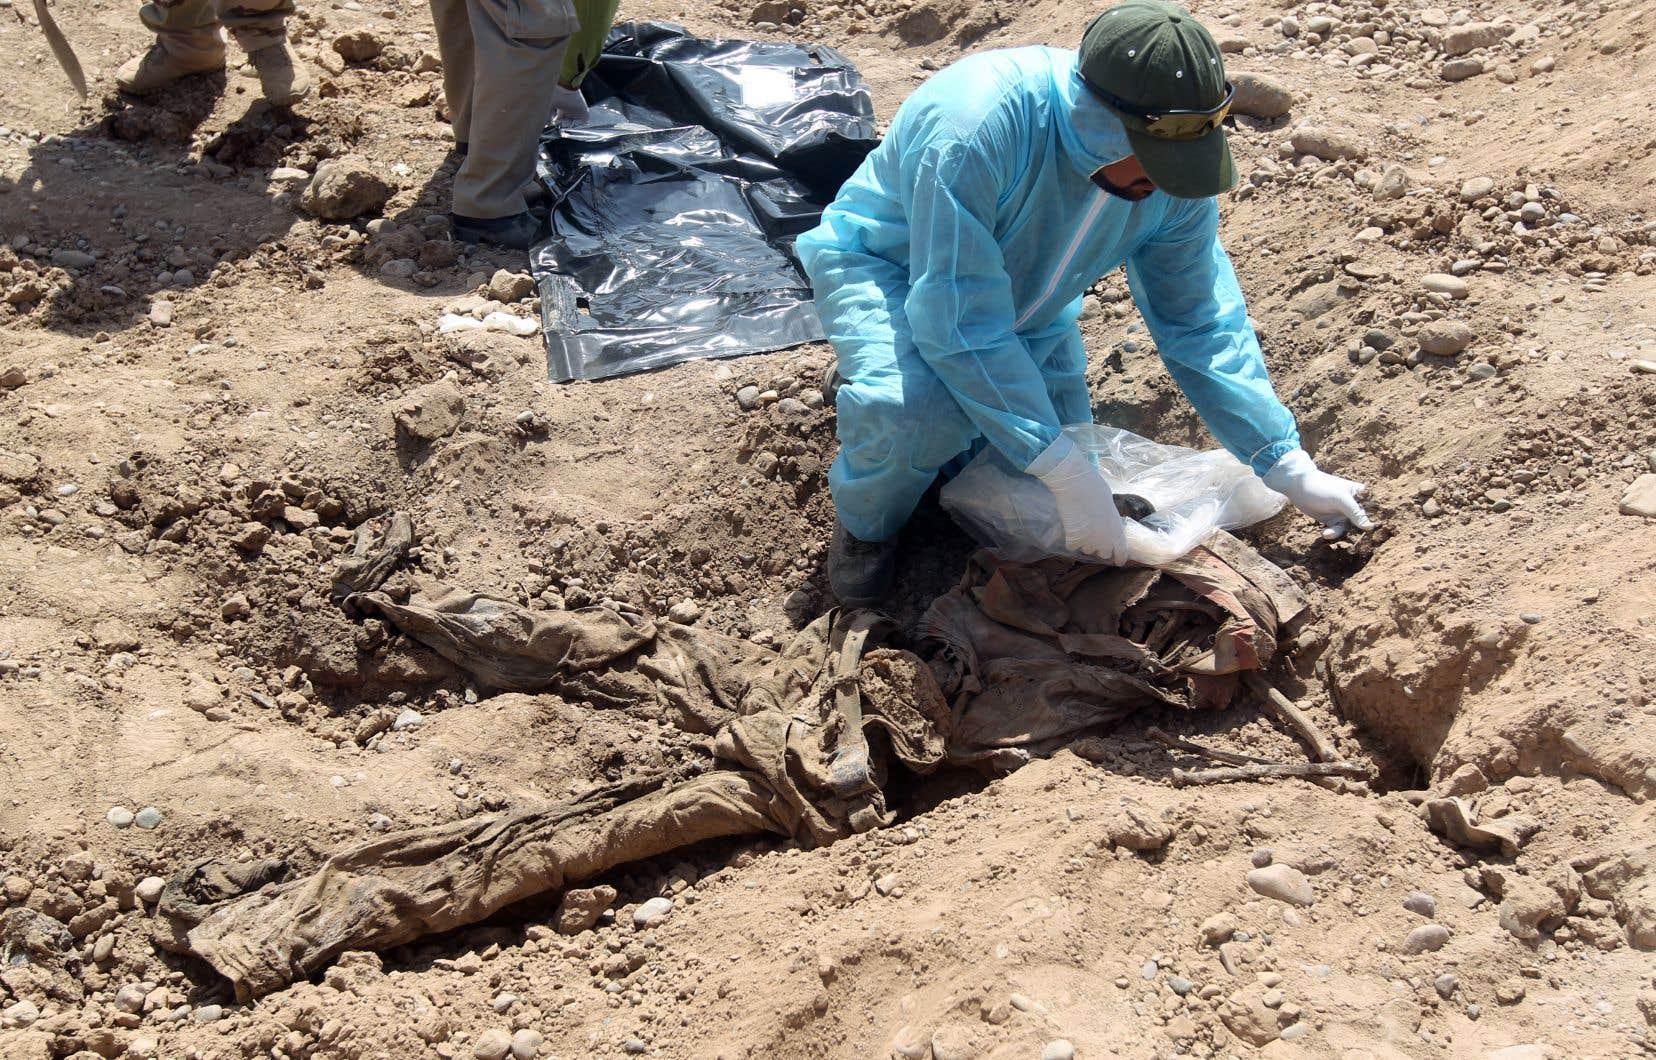 <p>Familles et responsables locaux se plaignent régulièrement de ne voir aucune avancée sur la question des disparus dans un pays où l'on dénombrait déjà au moins un million de disparus à la chute de Saddam Hussein en 2003.</p>